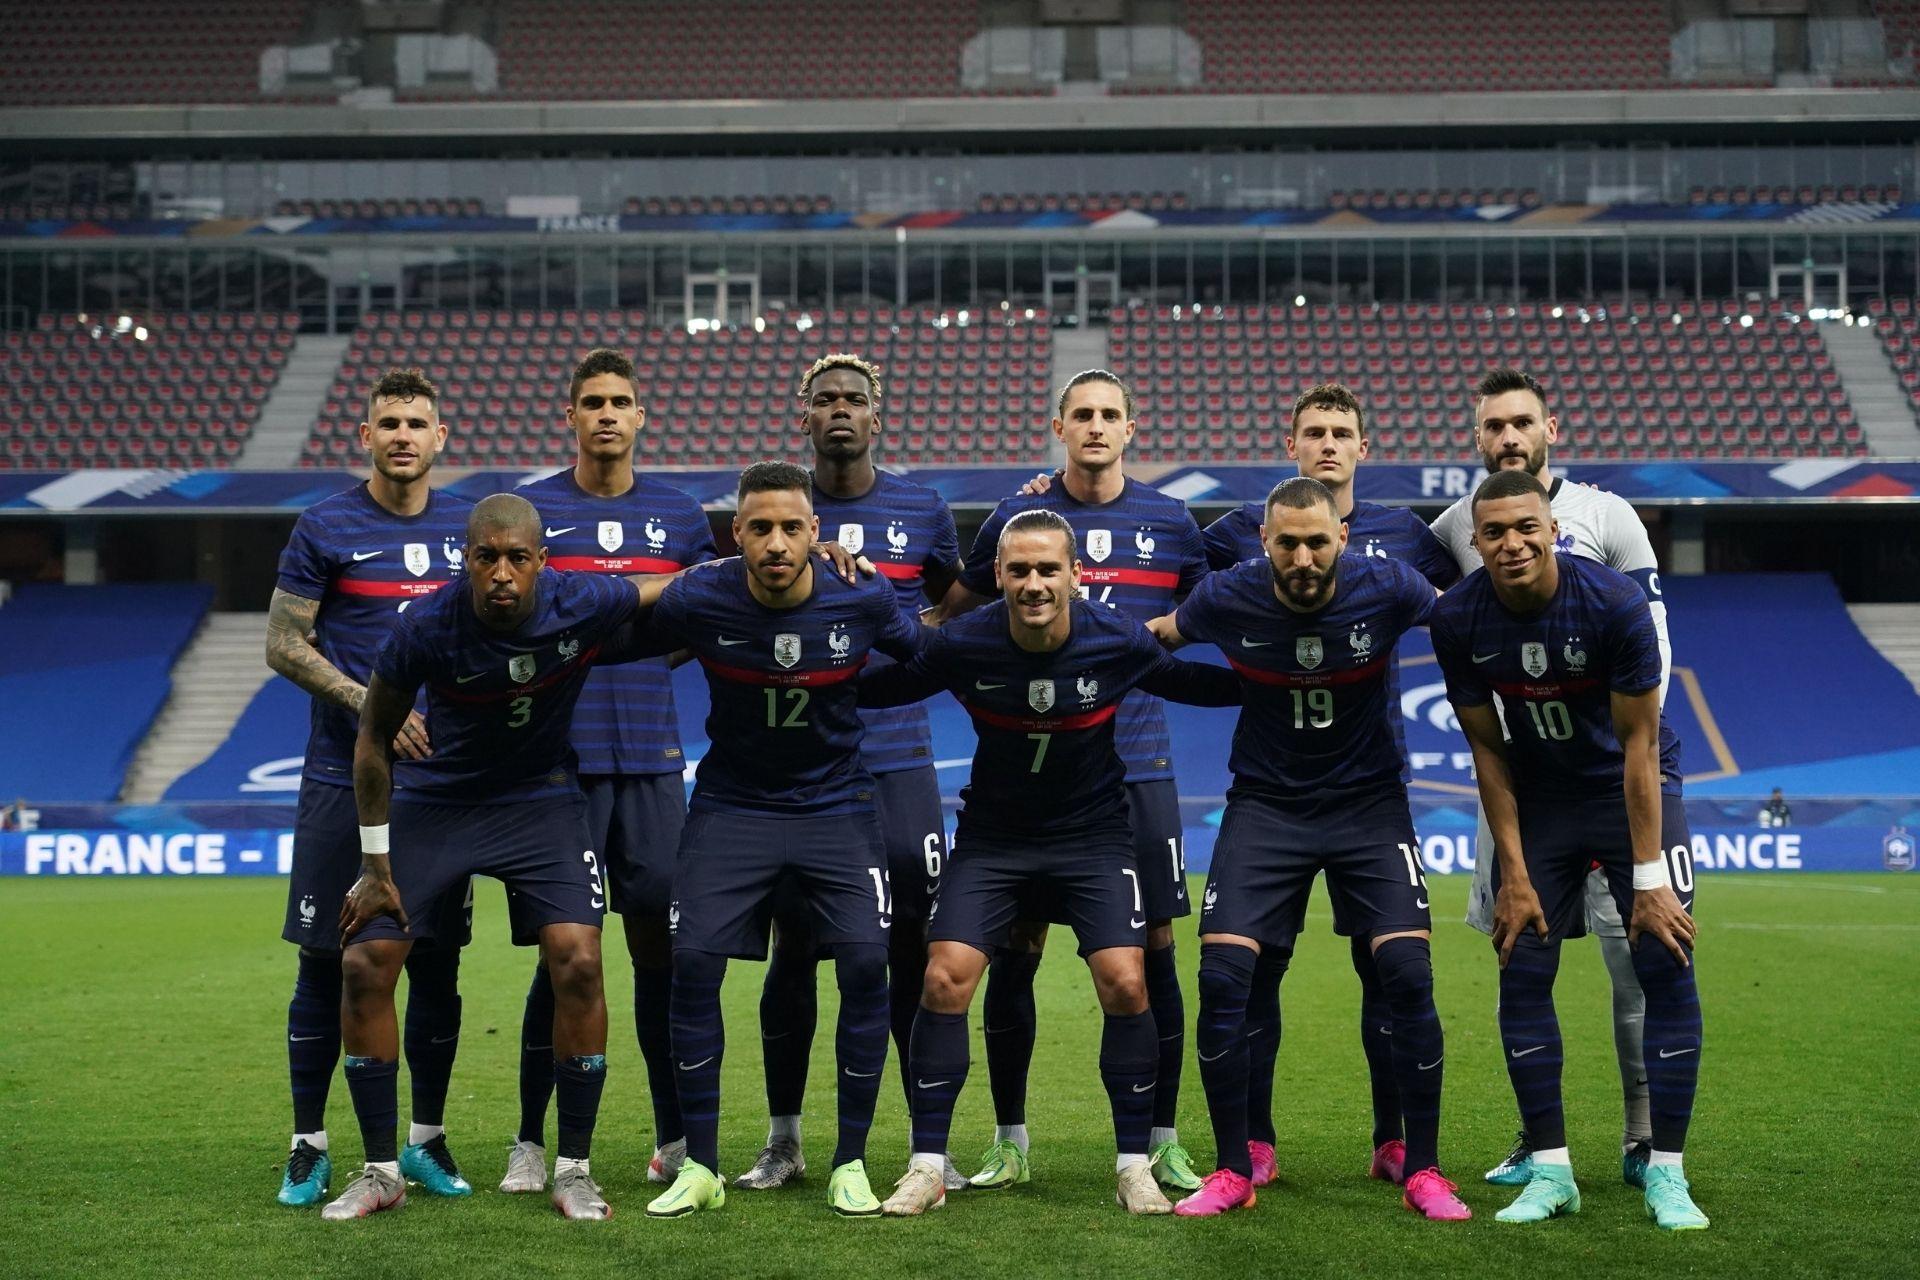 La selección francesa de fútbol, con figuras como Kylian Mbappé y Karim Benzema, es el primer conjunto nacional en sumarse a la plataforma de coleccionables NFT y juego de fantasía Sorare